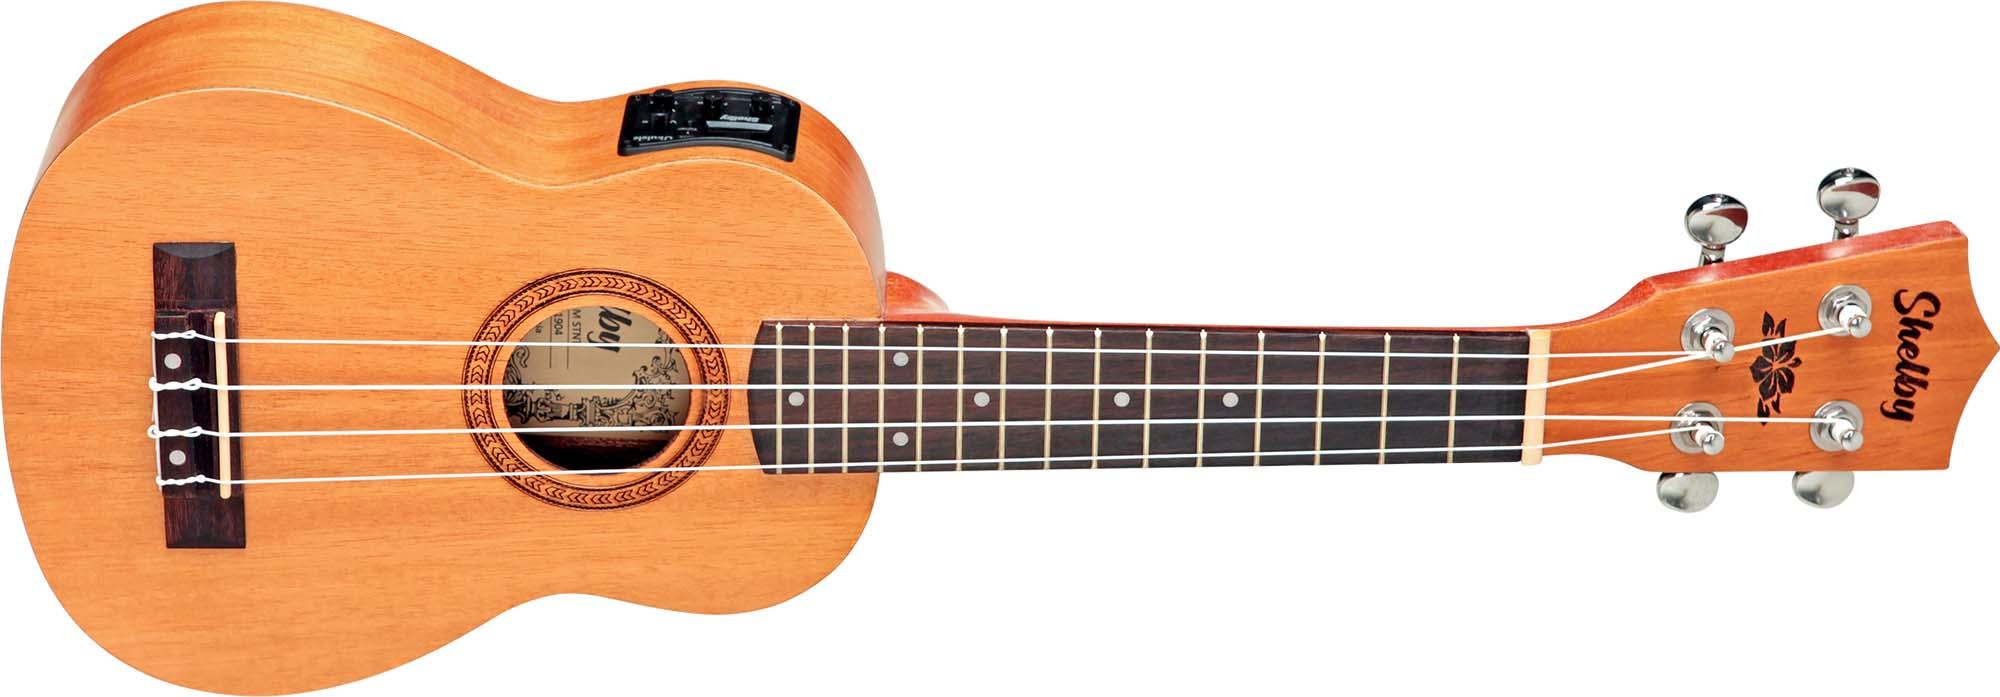 su21me ukulele soprano eletroacustico shelby su21me stnt mogno acetinado visao frontal